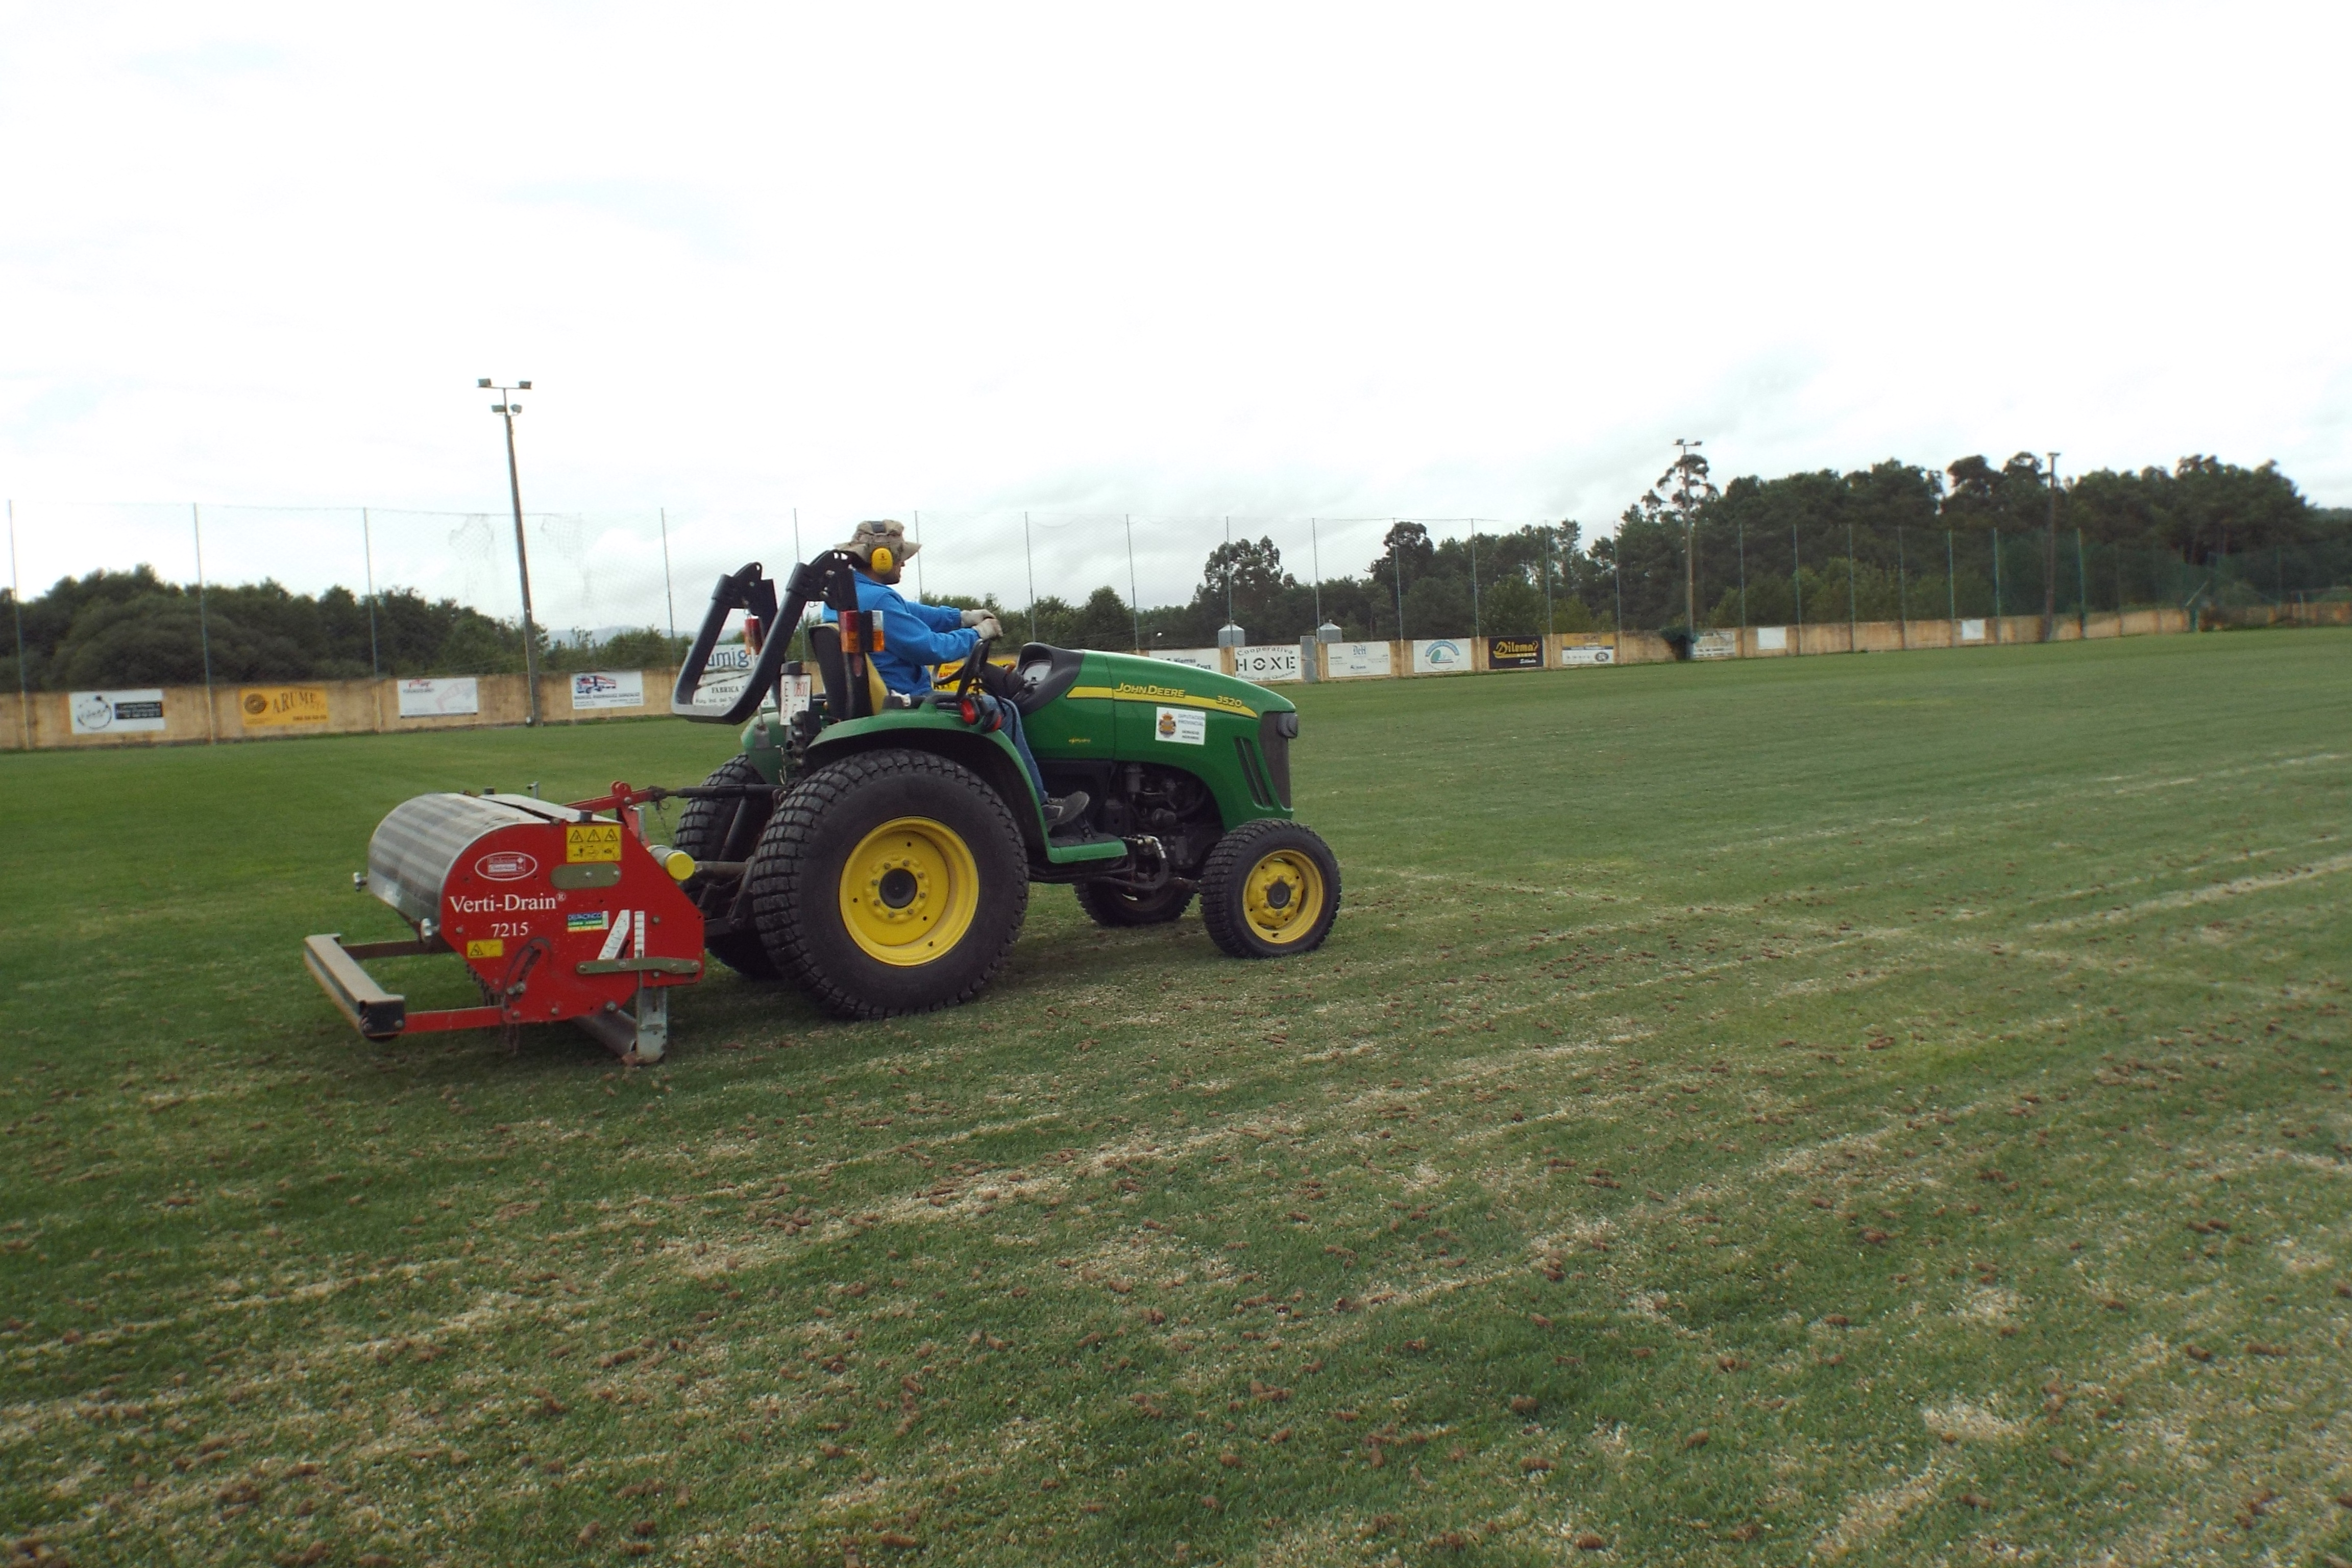 O Concello de Silleda reciba unha axuda de 30.651 euros para a renovación do alumeado no campo de fútbol de Lamela